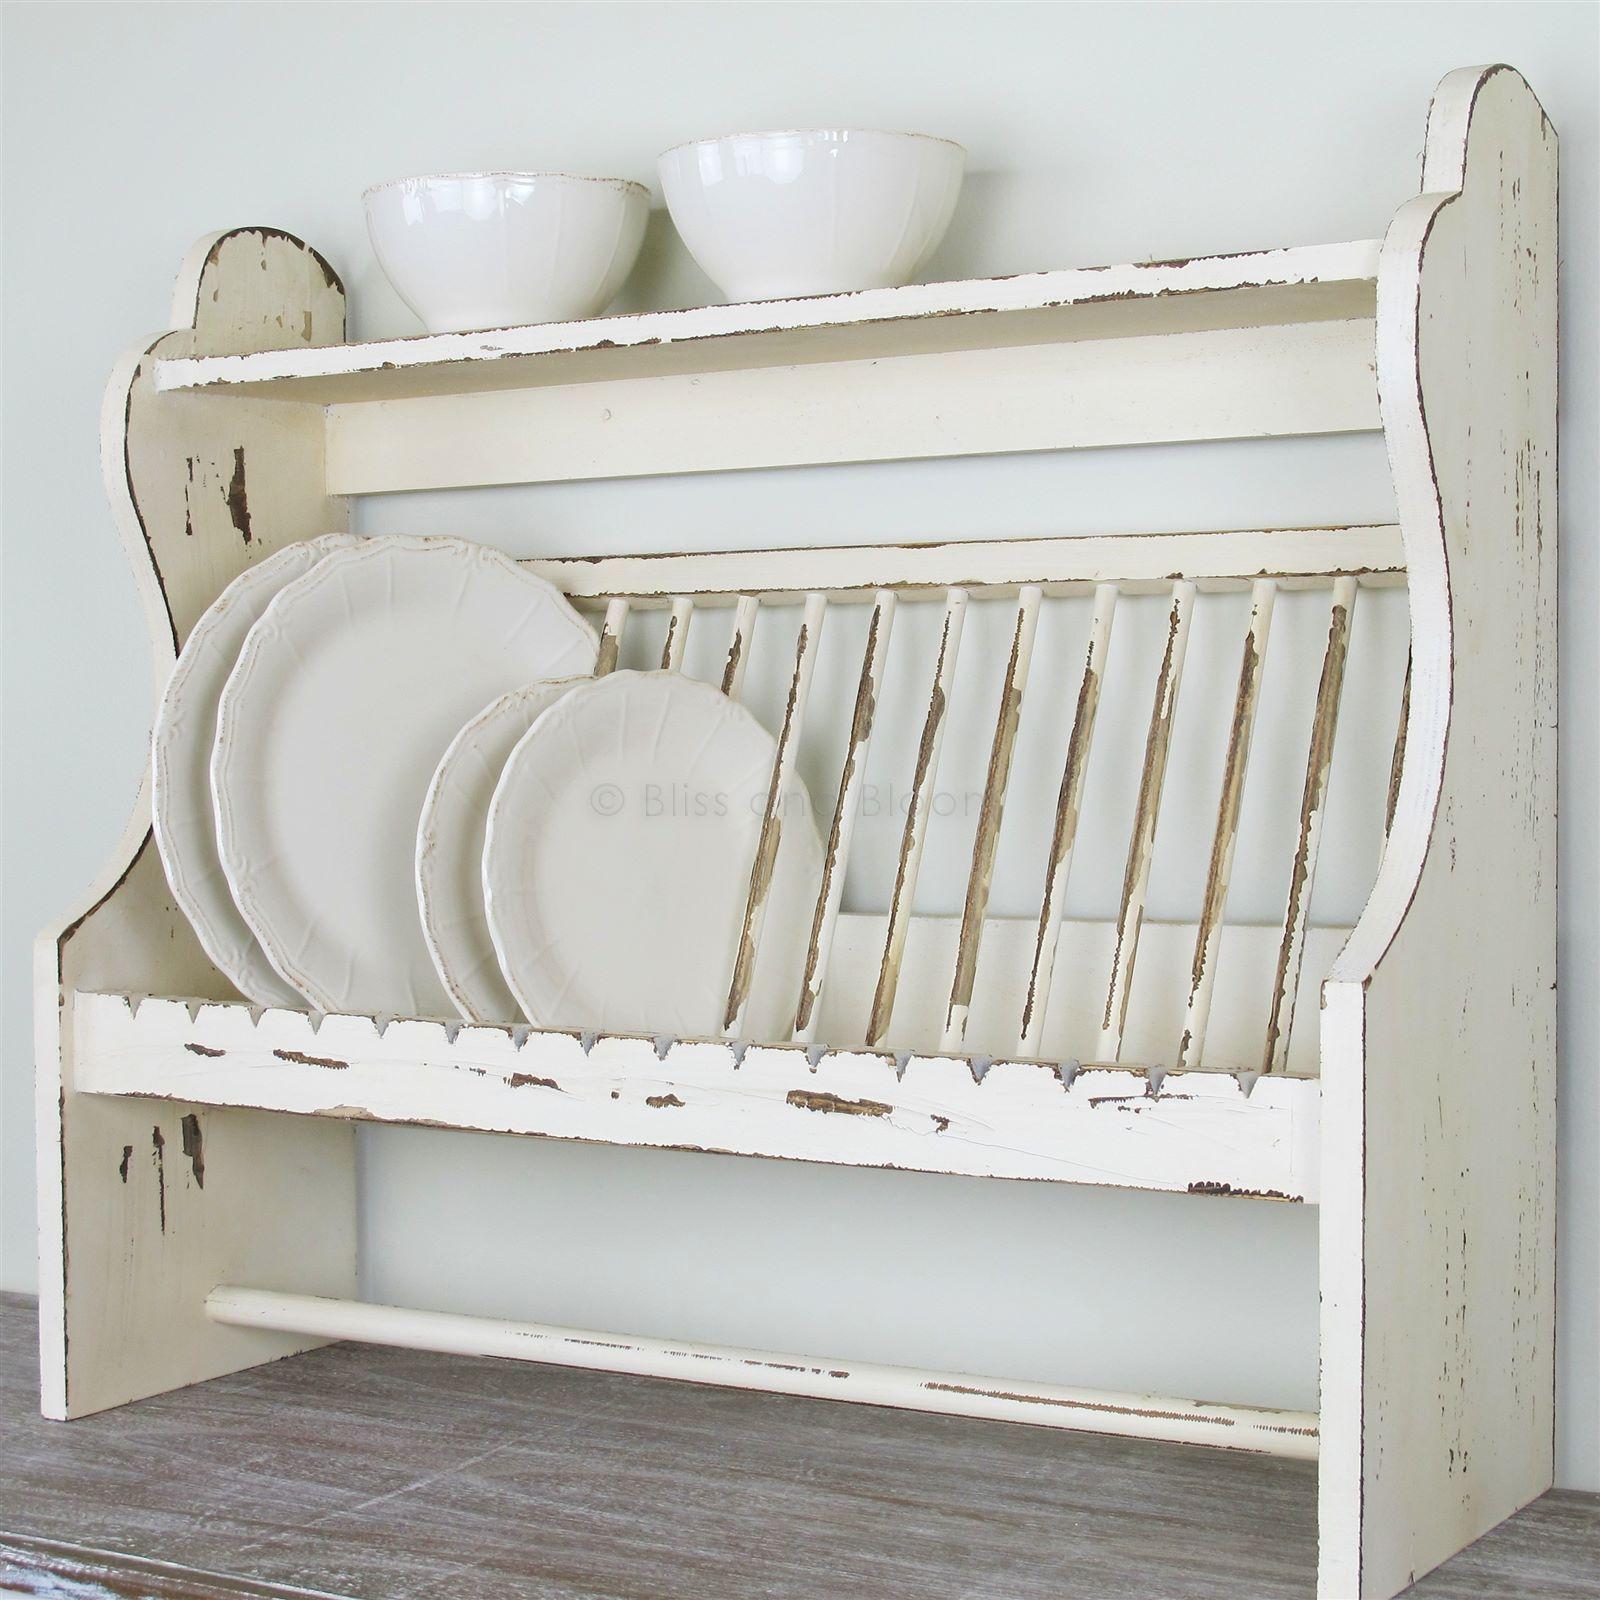 Wooden plate rack/shelf Code RXI21764  sc 1 st  Pinterest & Wooden plate rack/shelf Code: RXI21764 | Home: Country | Pinterest ...